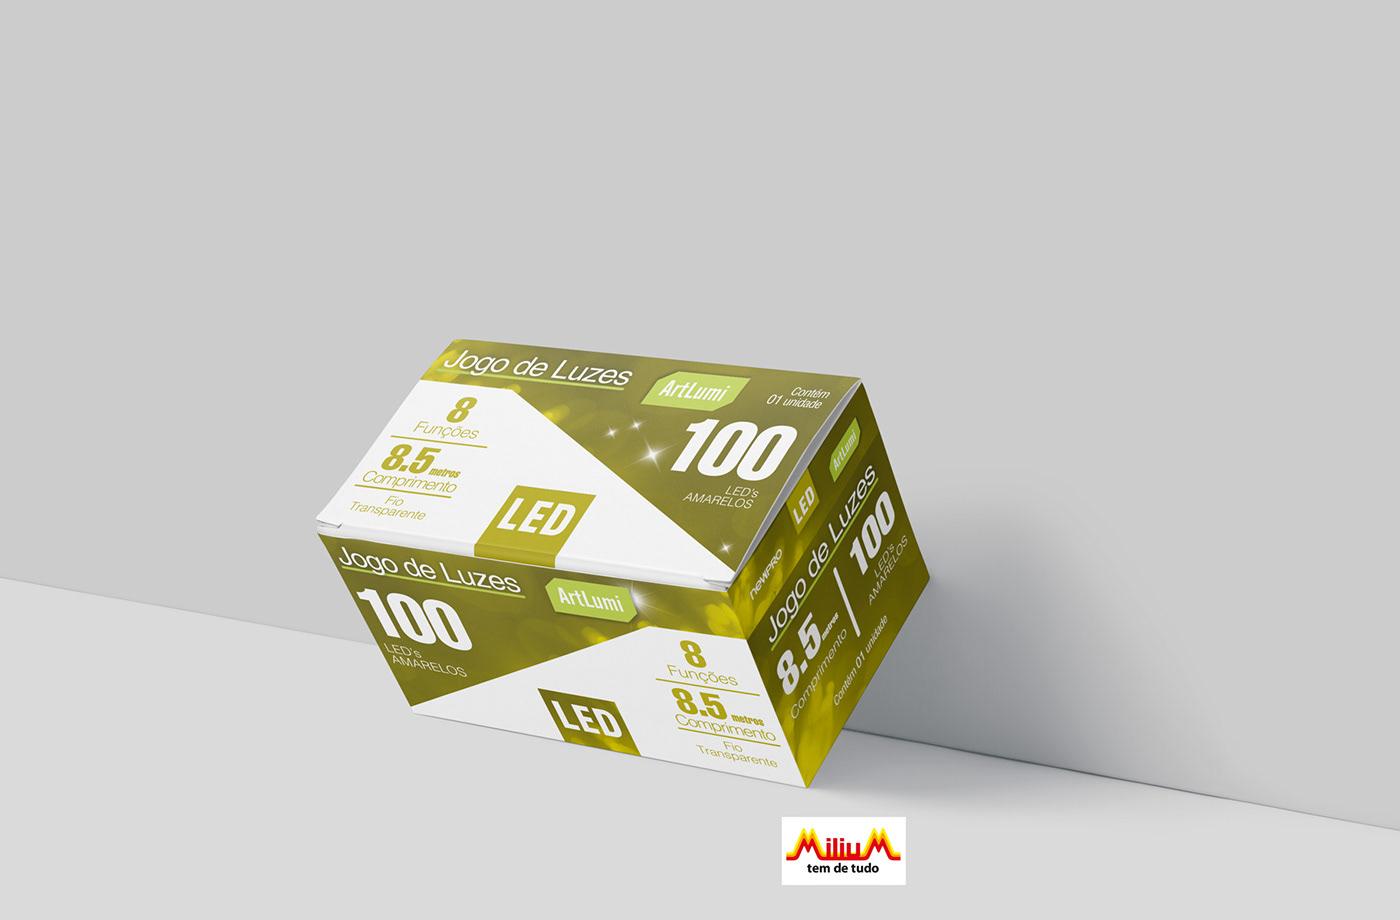 brand Caixa colorbox design embalagem grafico